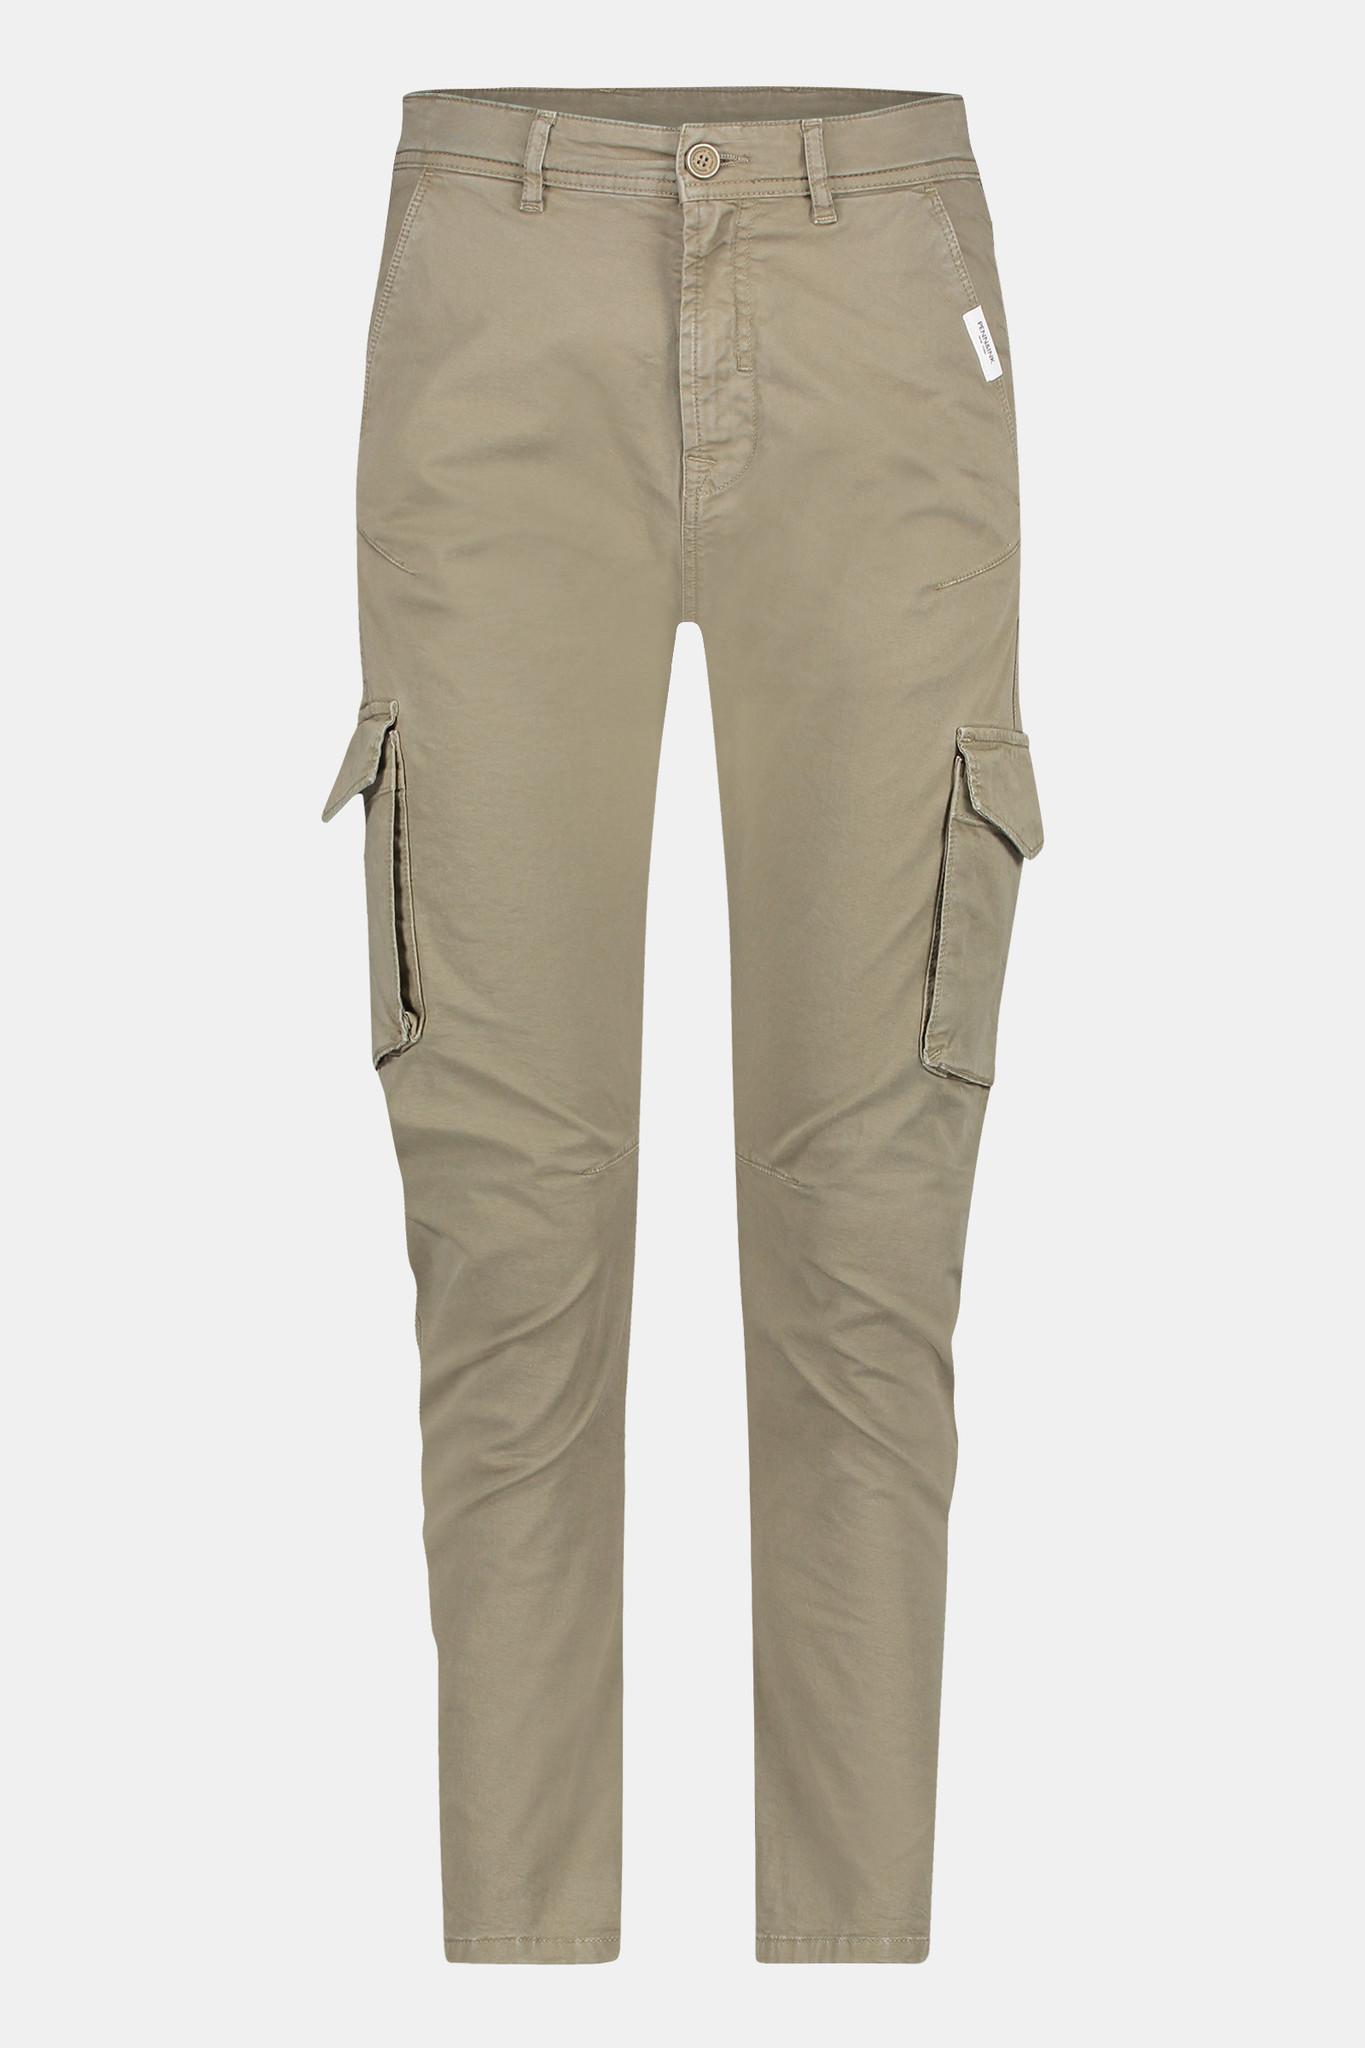 Penn & Ink Pants W21W391-809-1